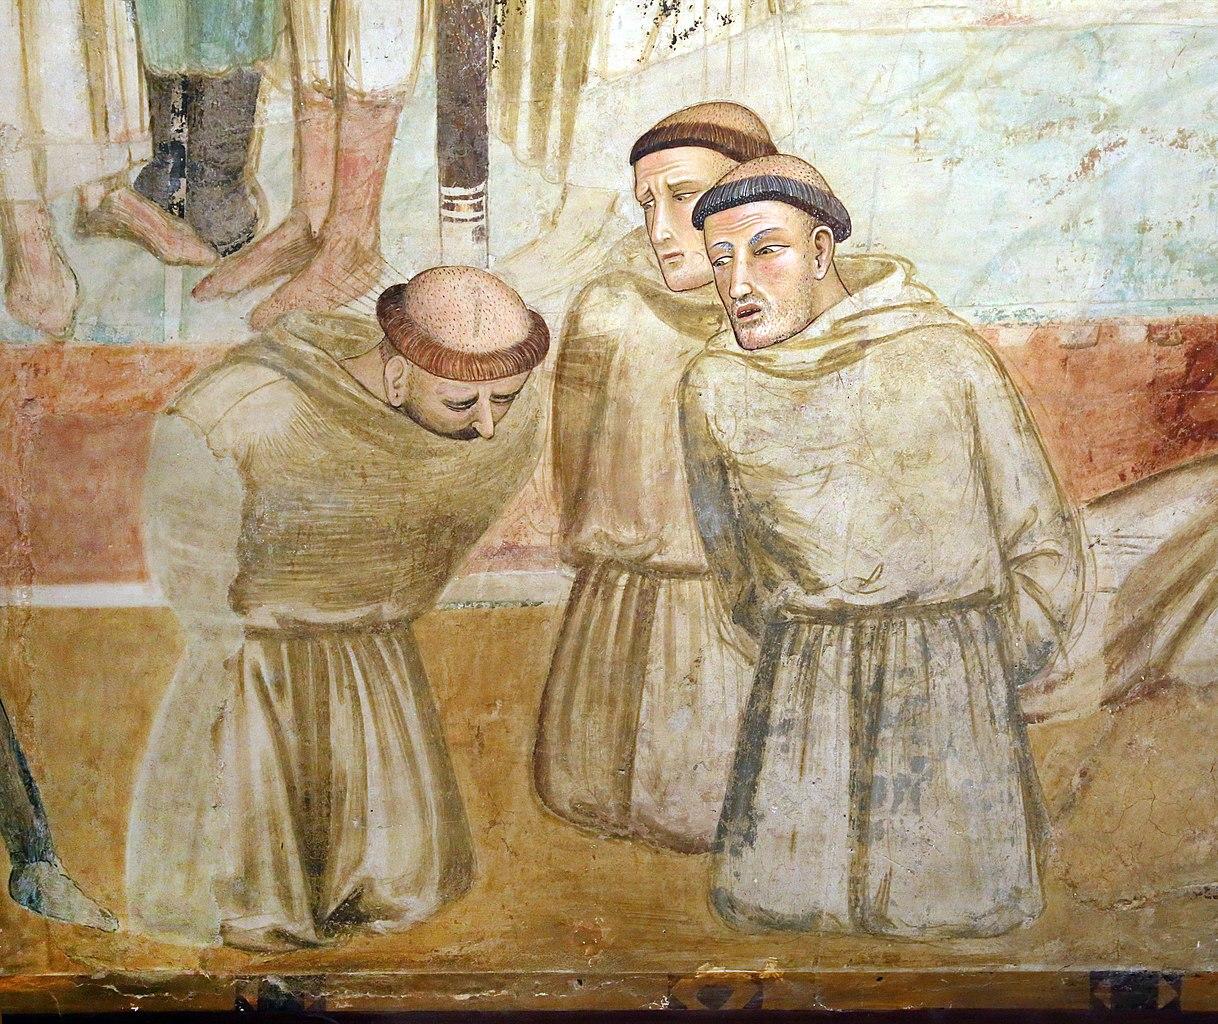 Ambrogio Lorenzetti, Martirio dei francescani, dettaglio